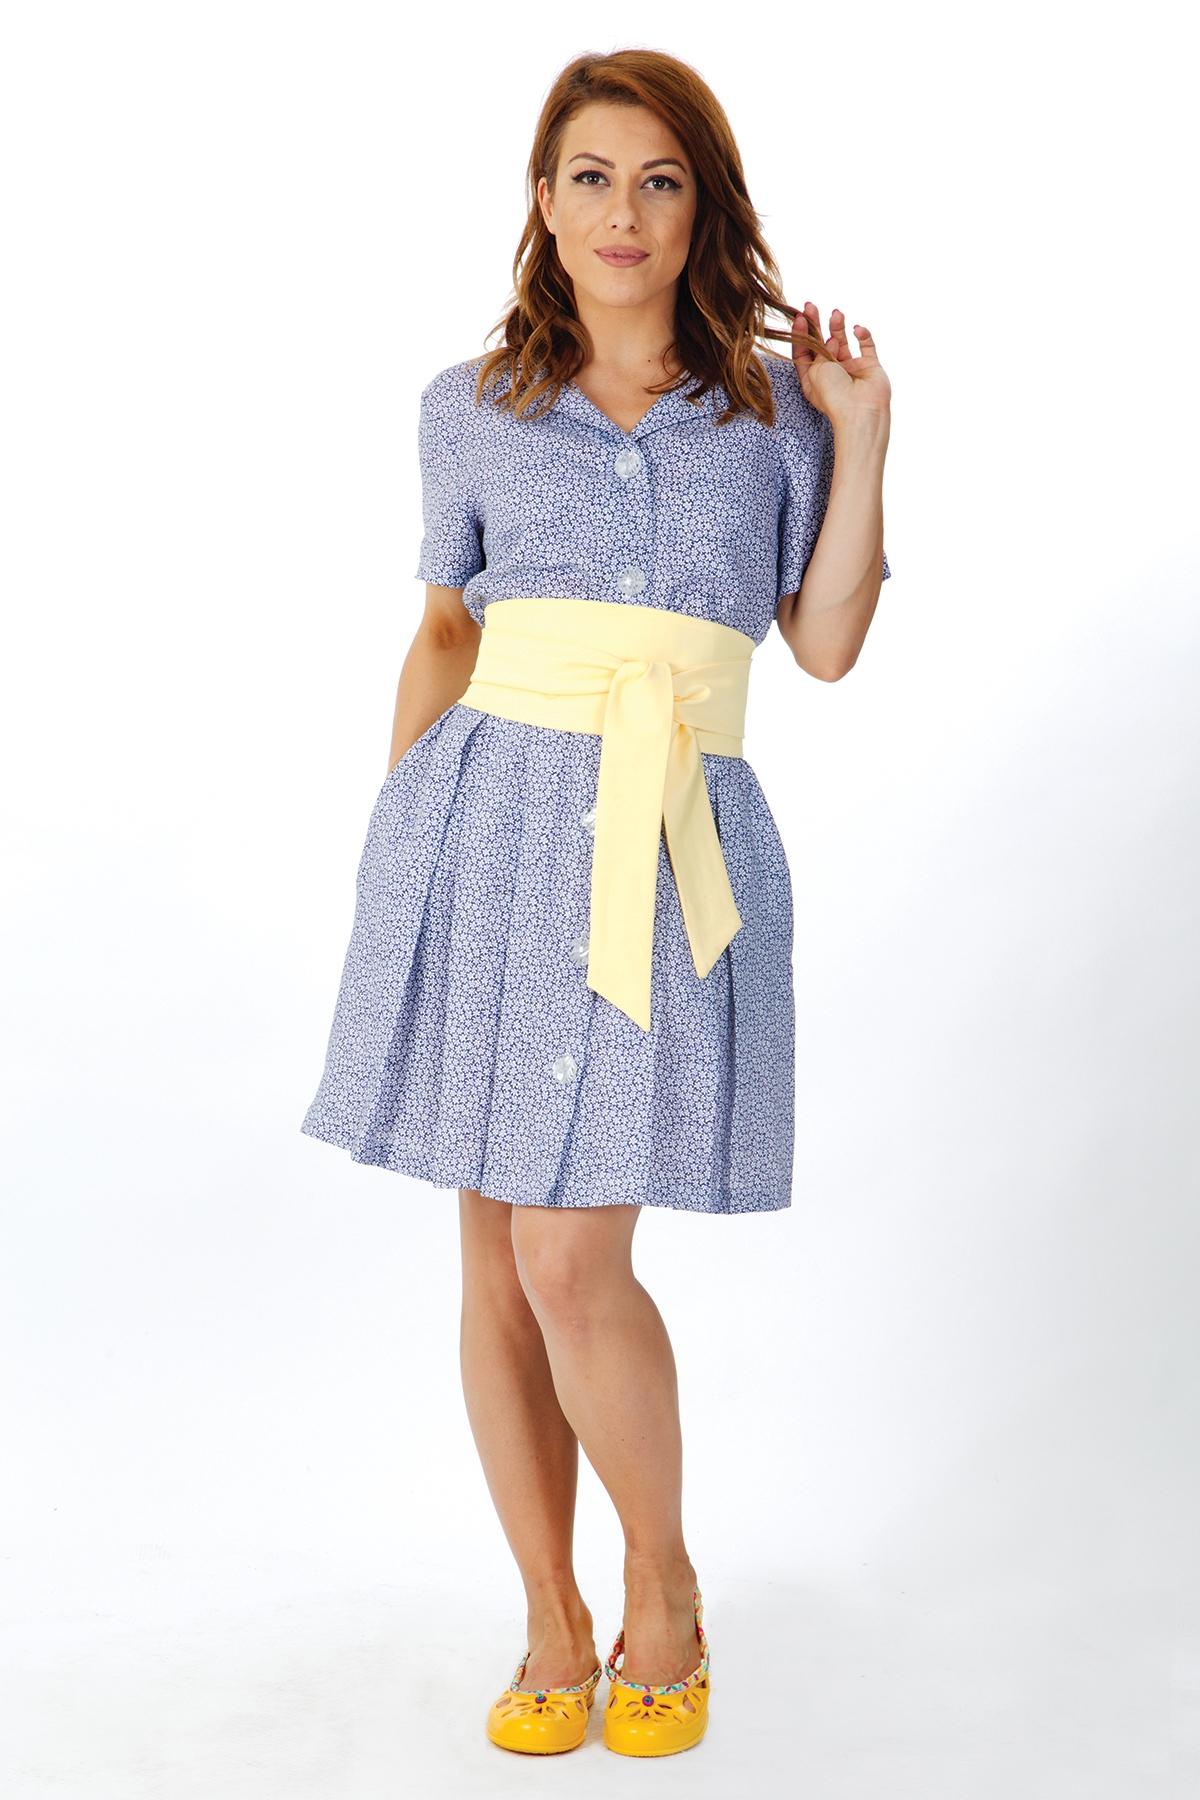 Дамска синя рокля с жълт колан / OTIVA